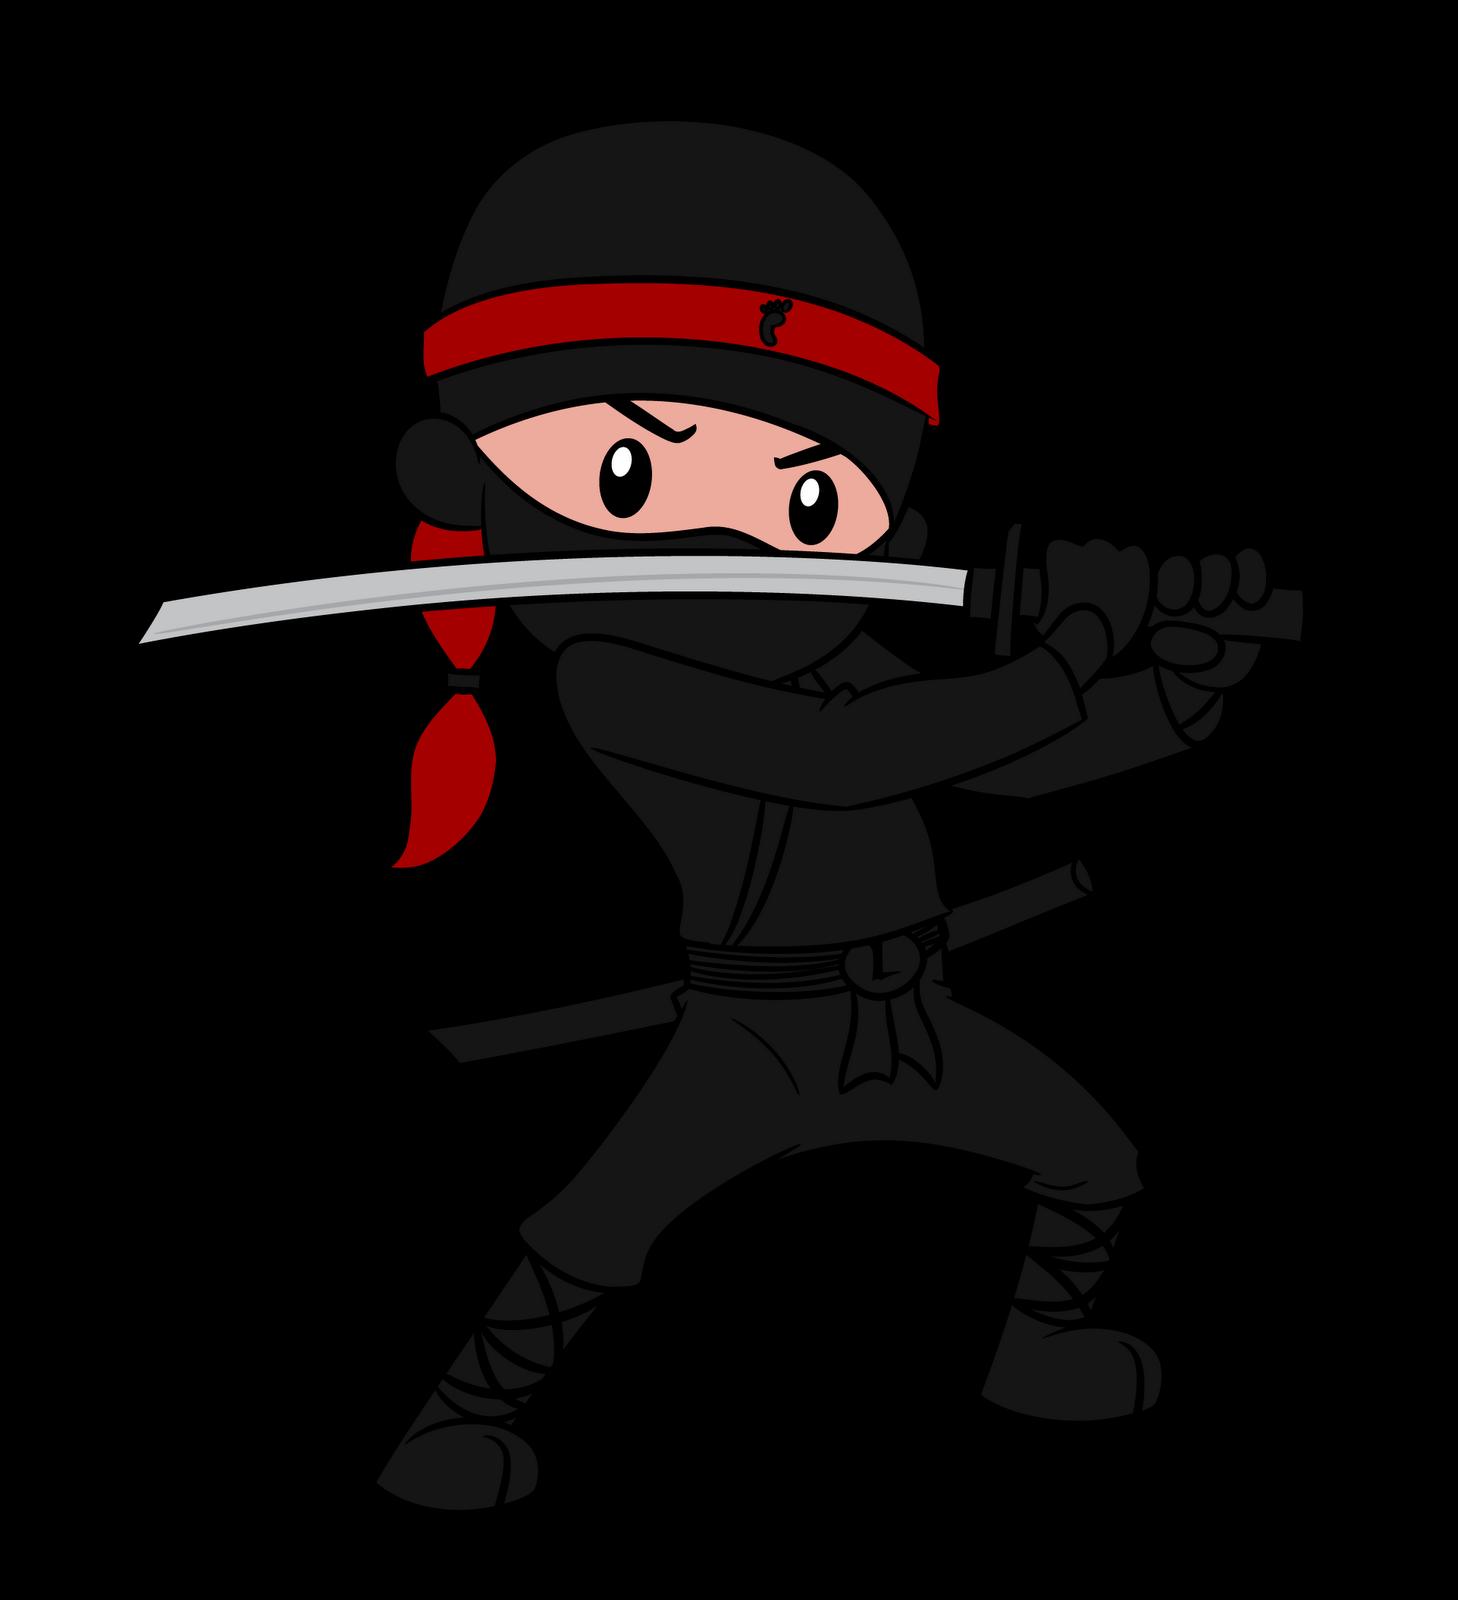 Lady clipart soldier. Ninja pictures qygjxz